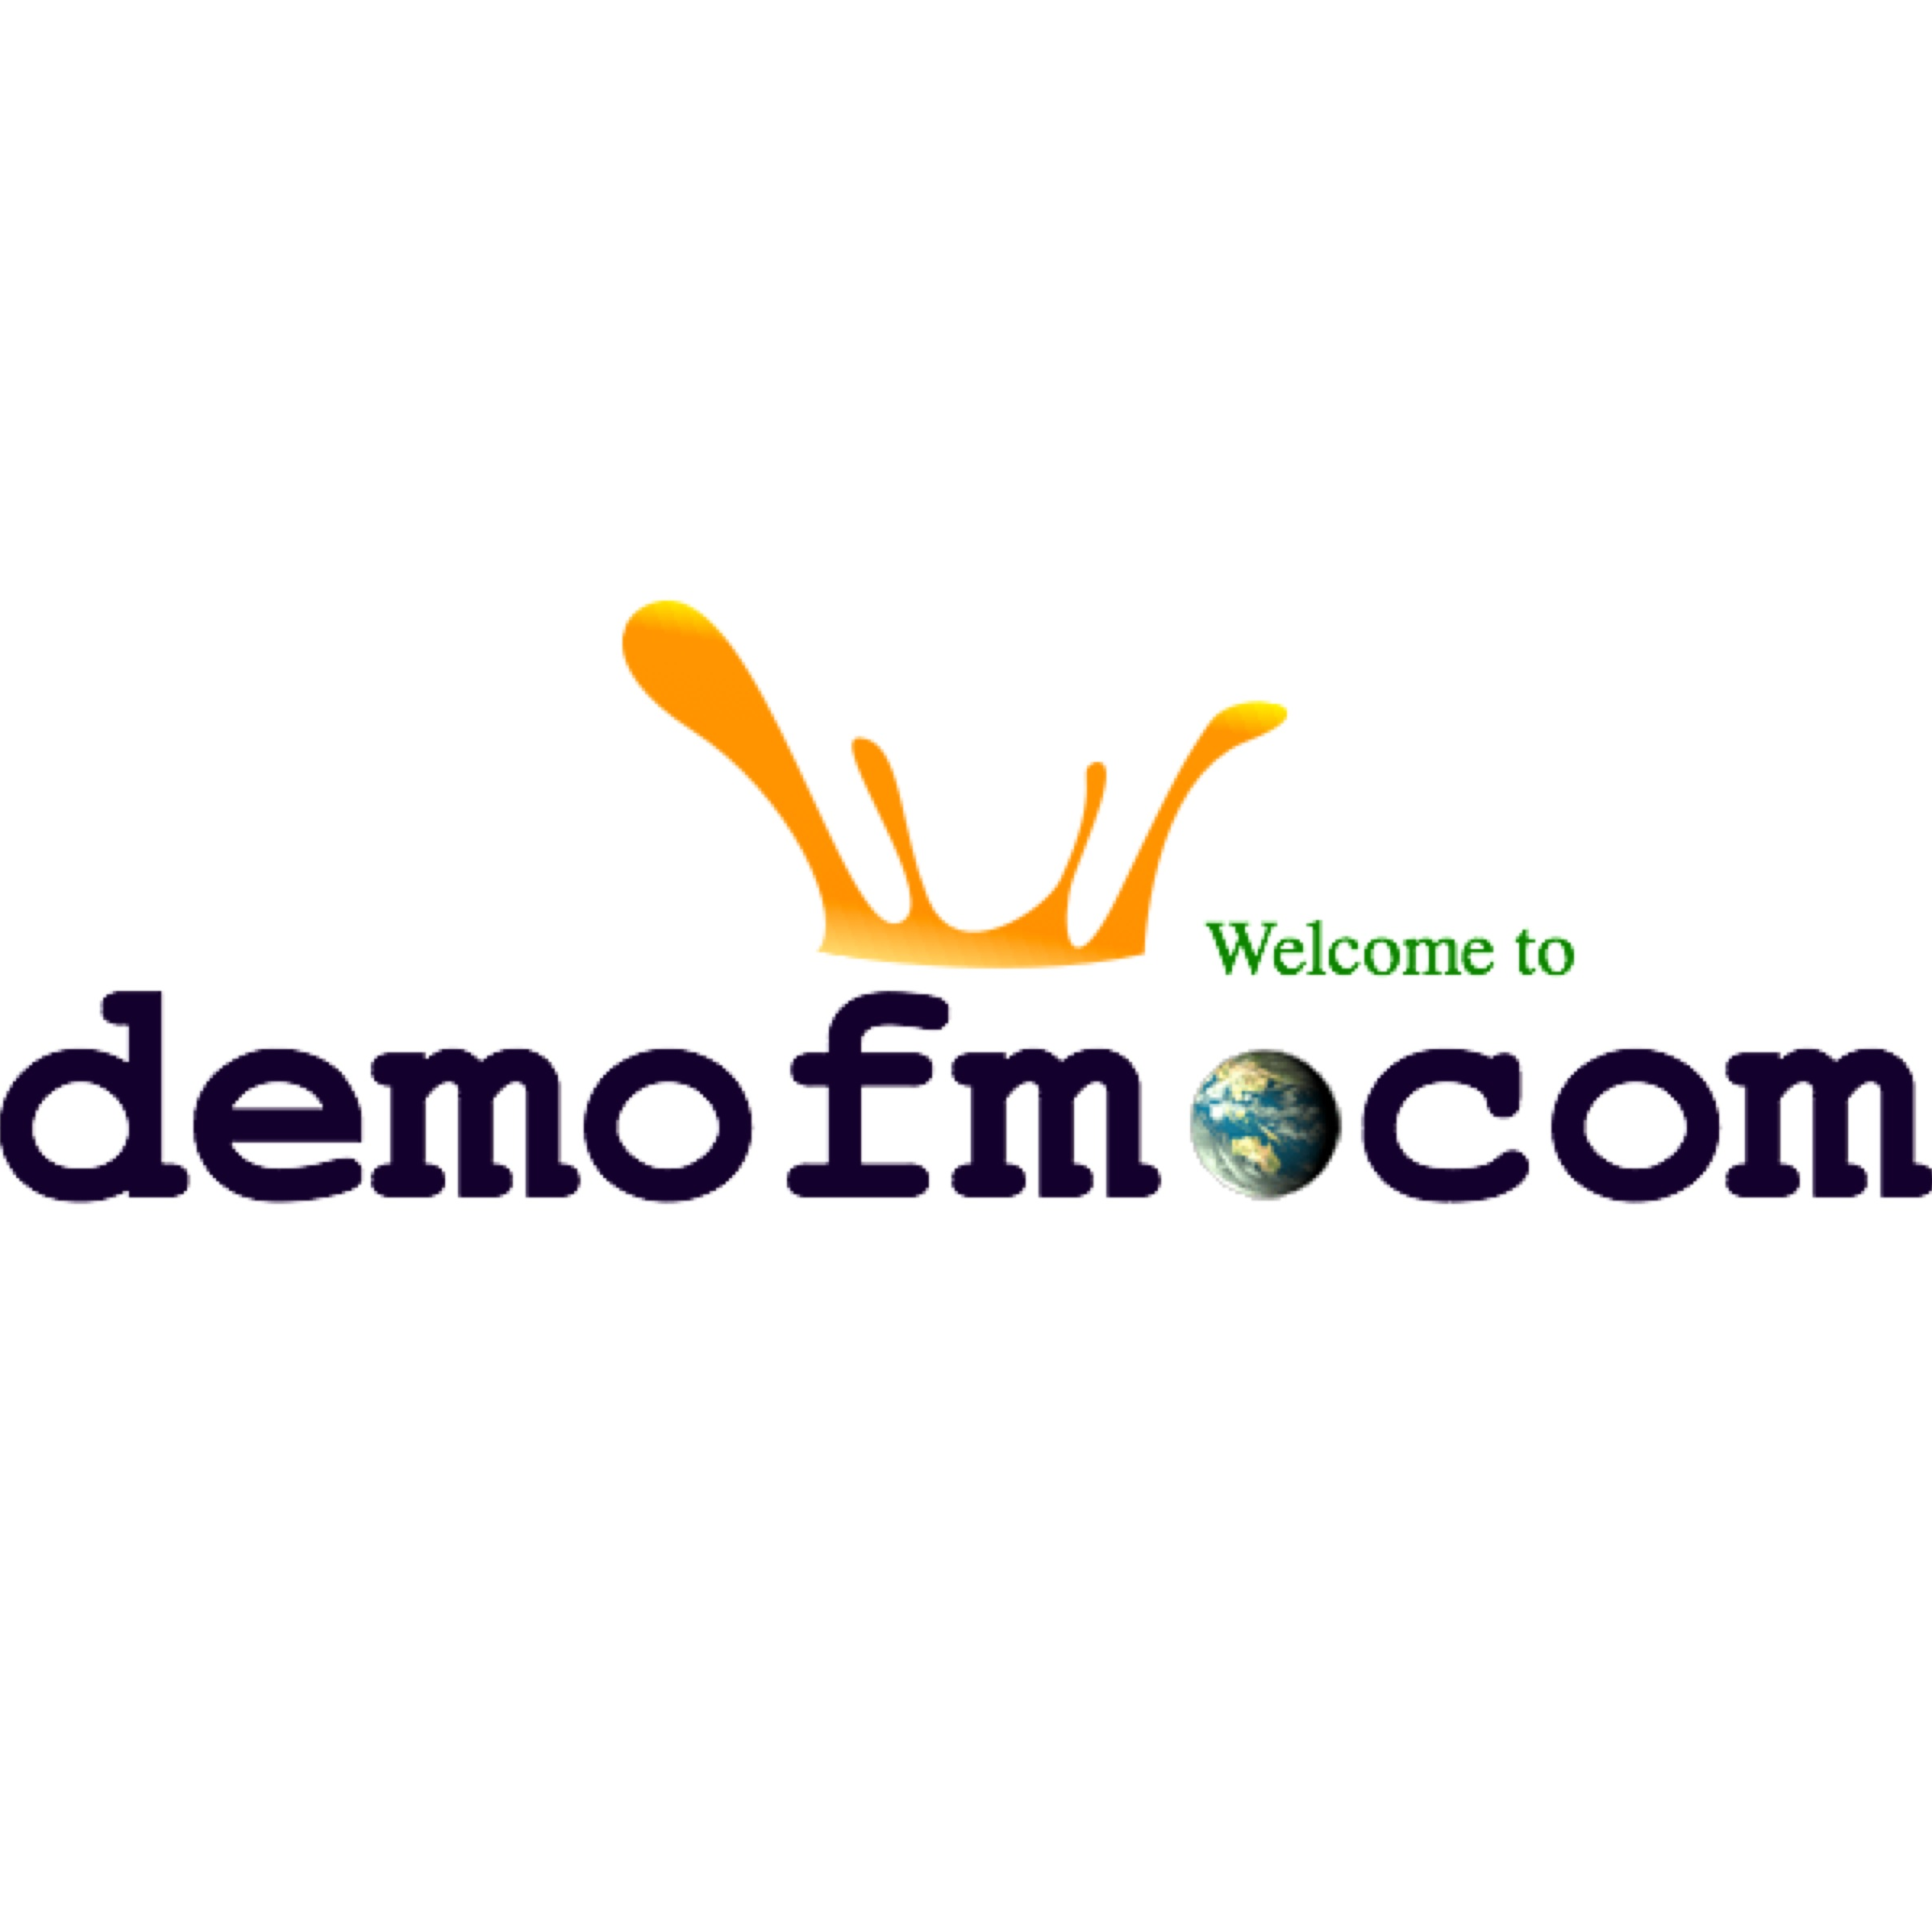 demofm.com